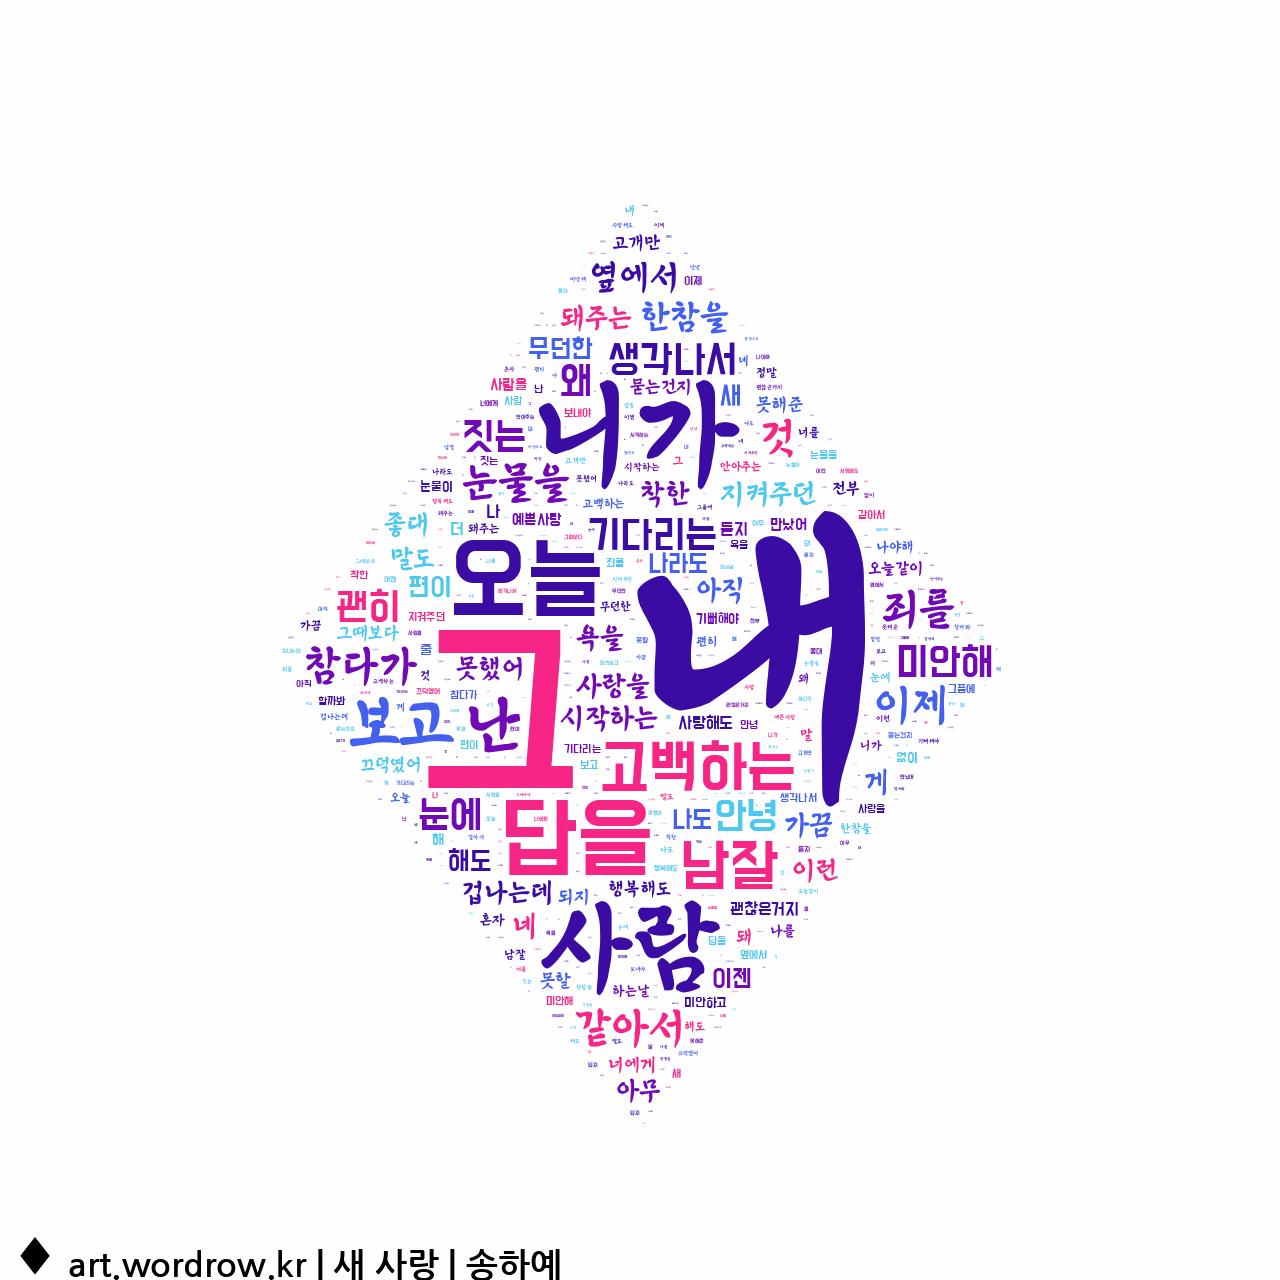 워드 클라우드: 새 사랑 [송하예]-37